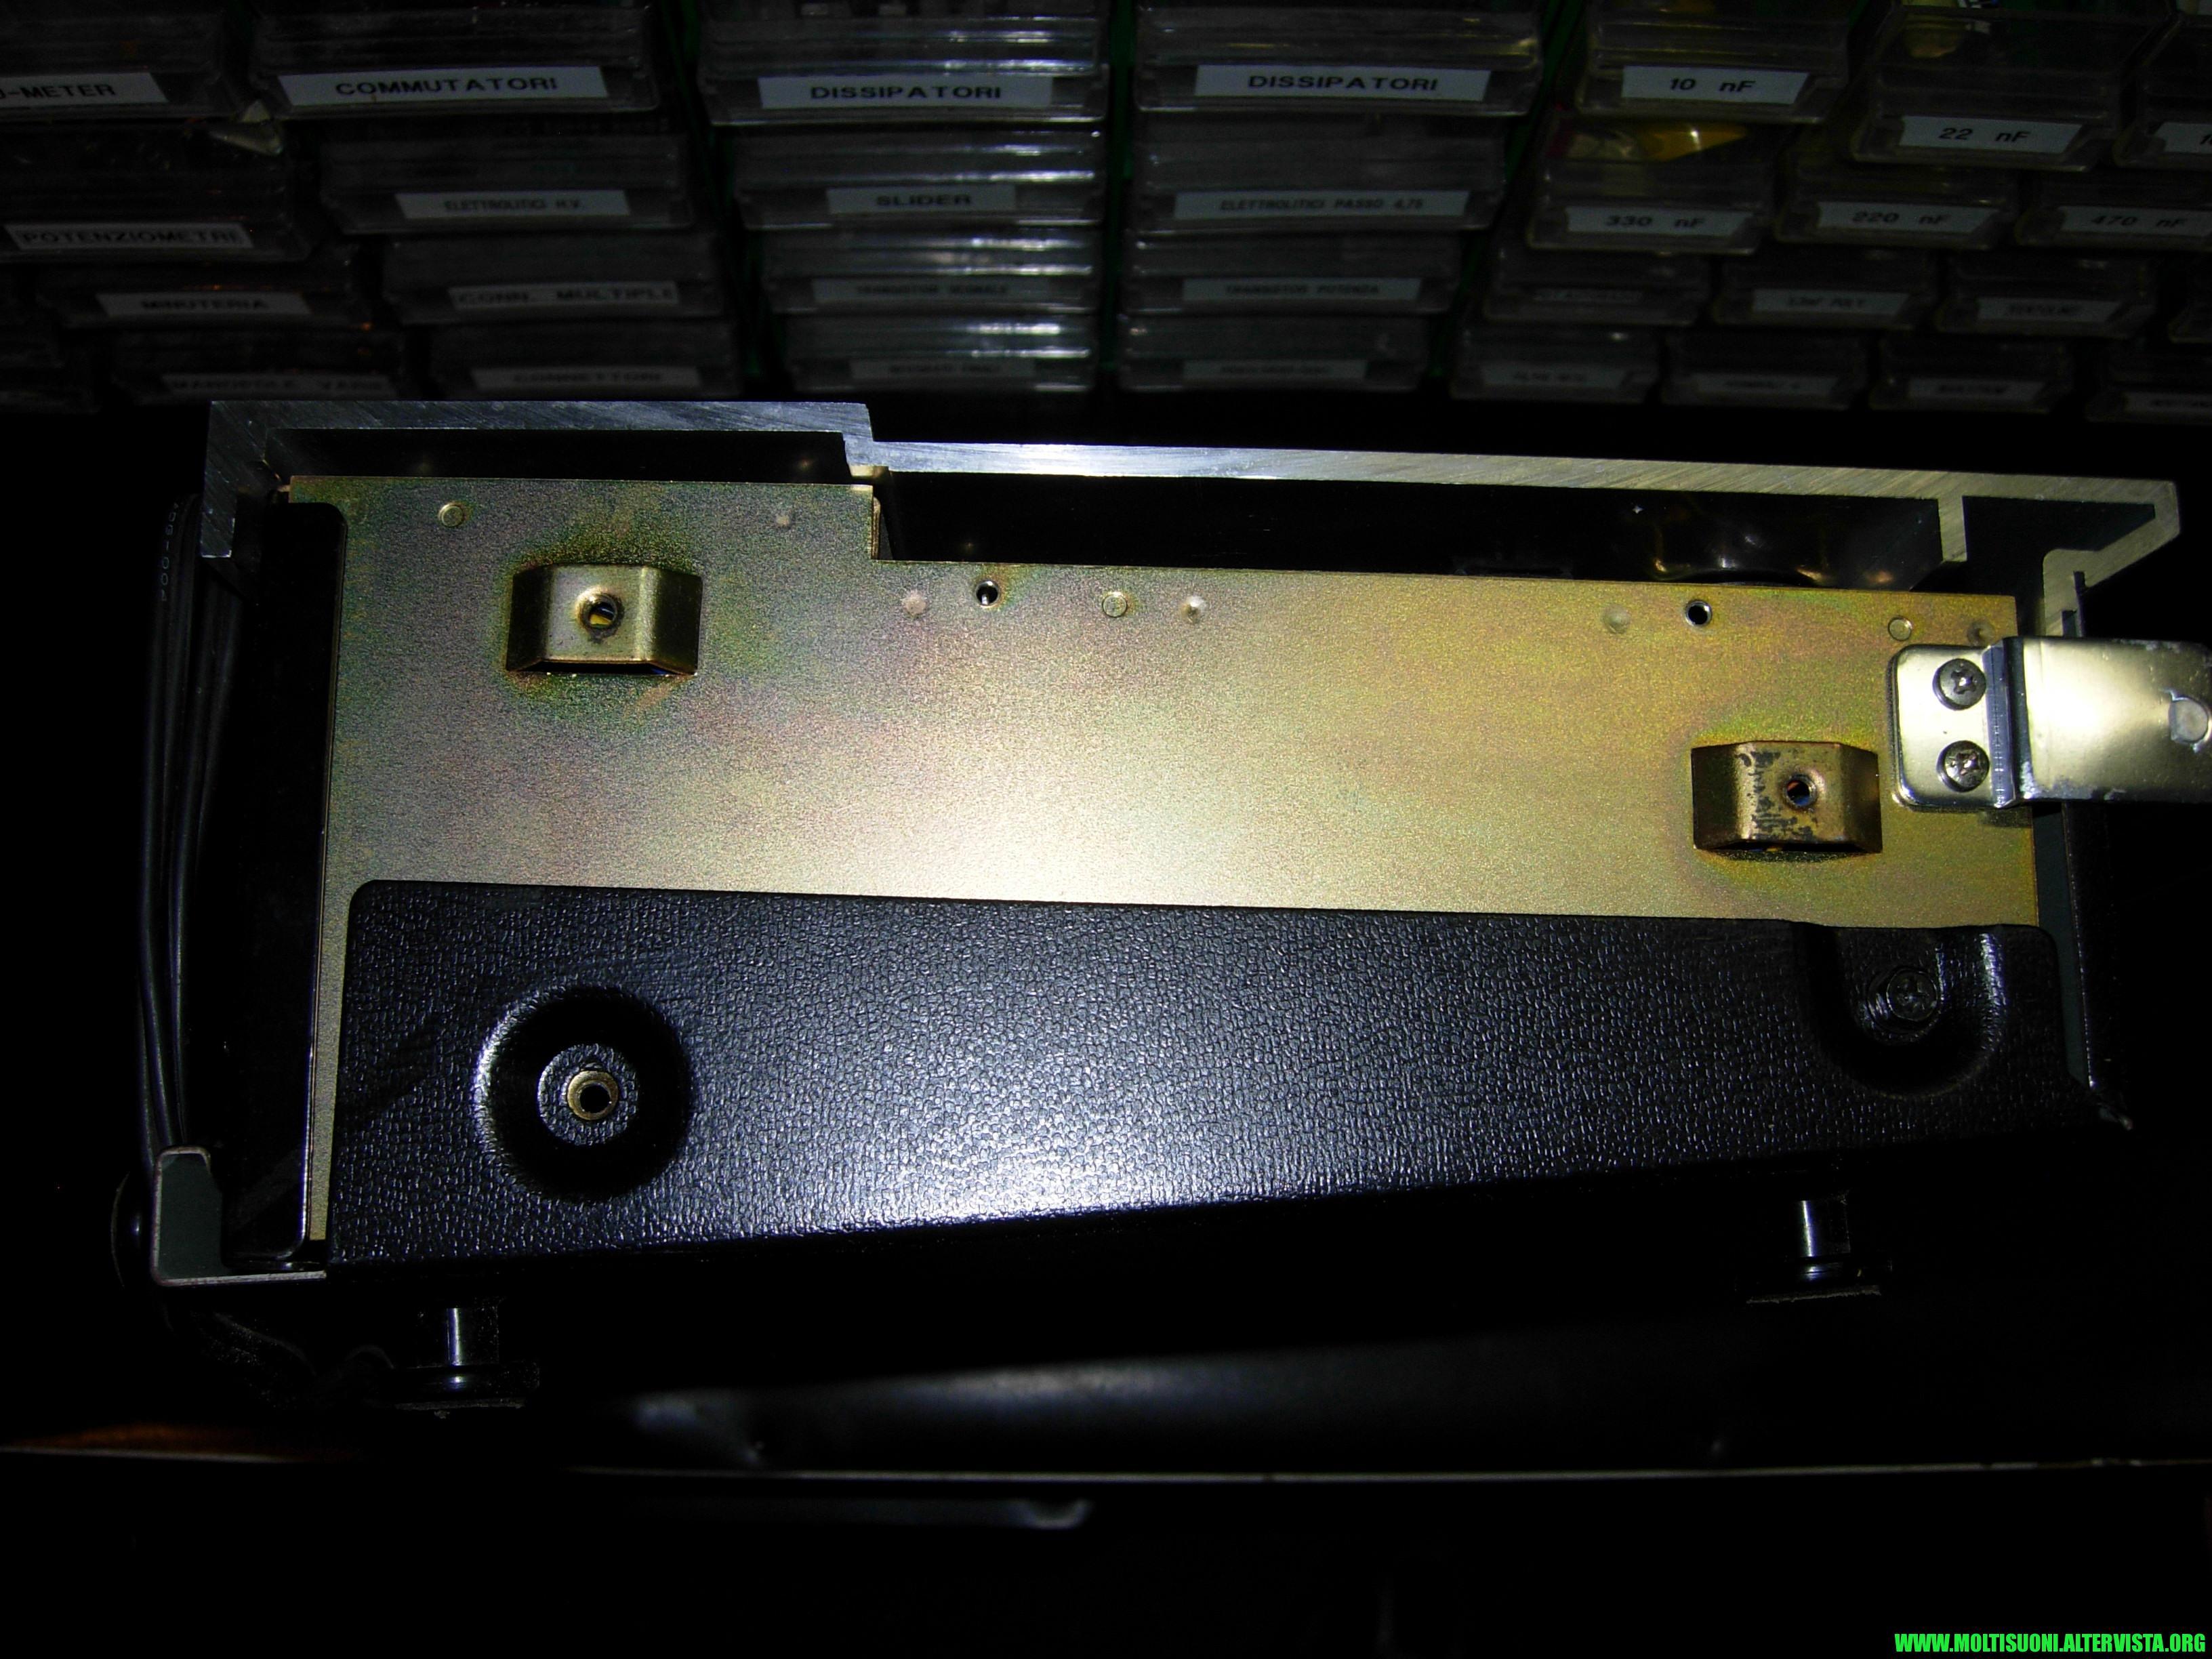 moltisuoni - Pioneer MA 62 5